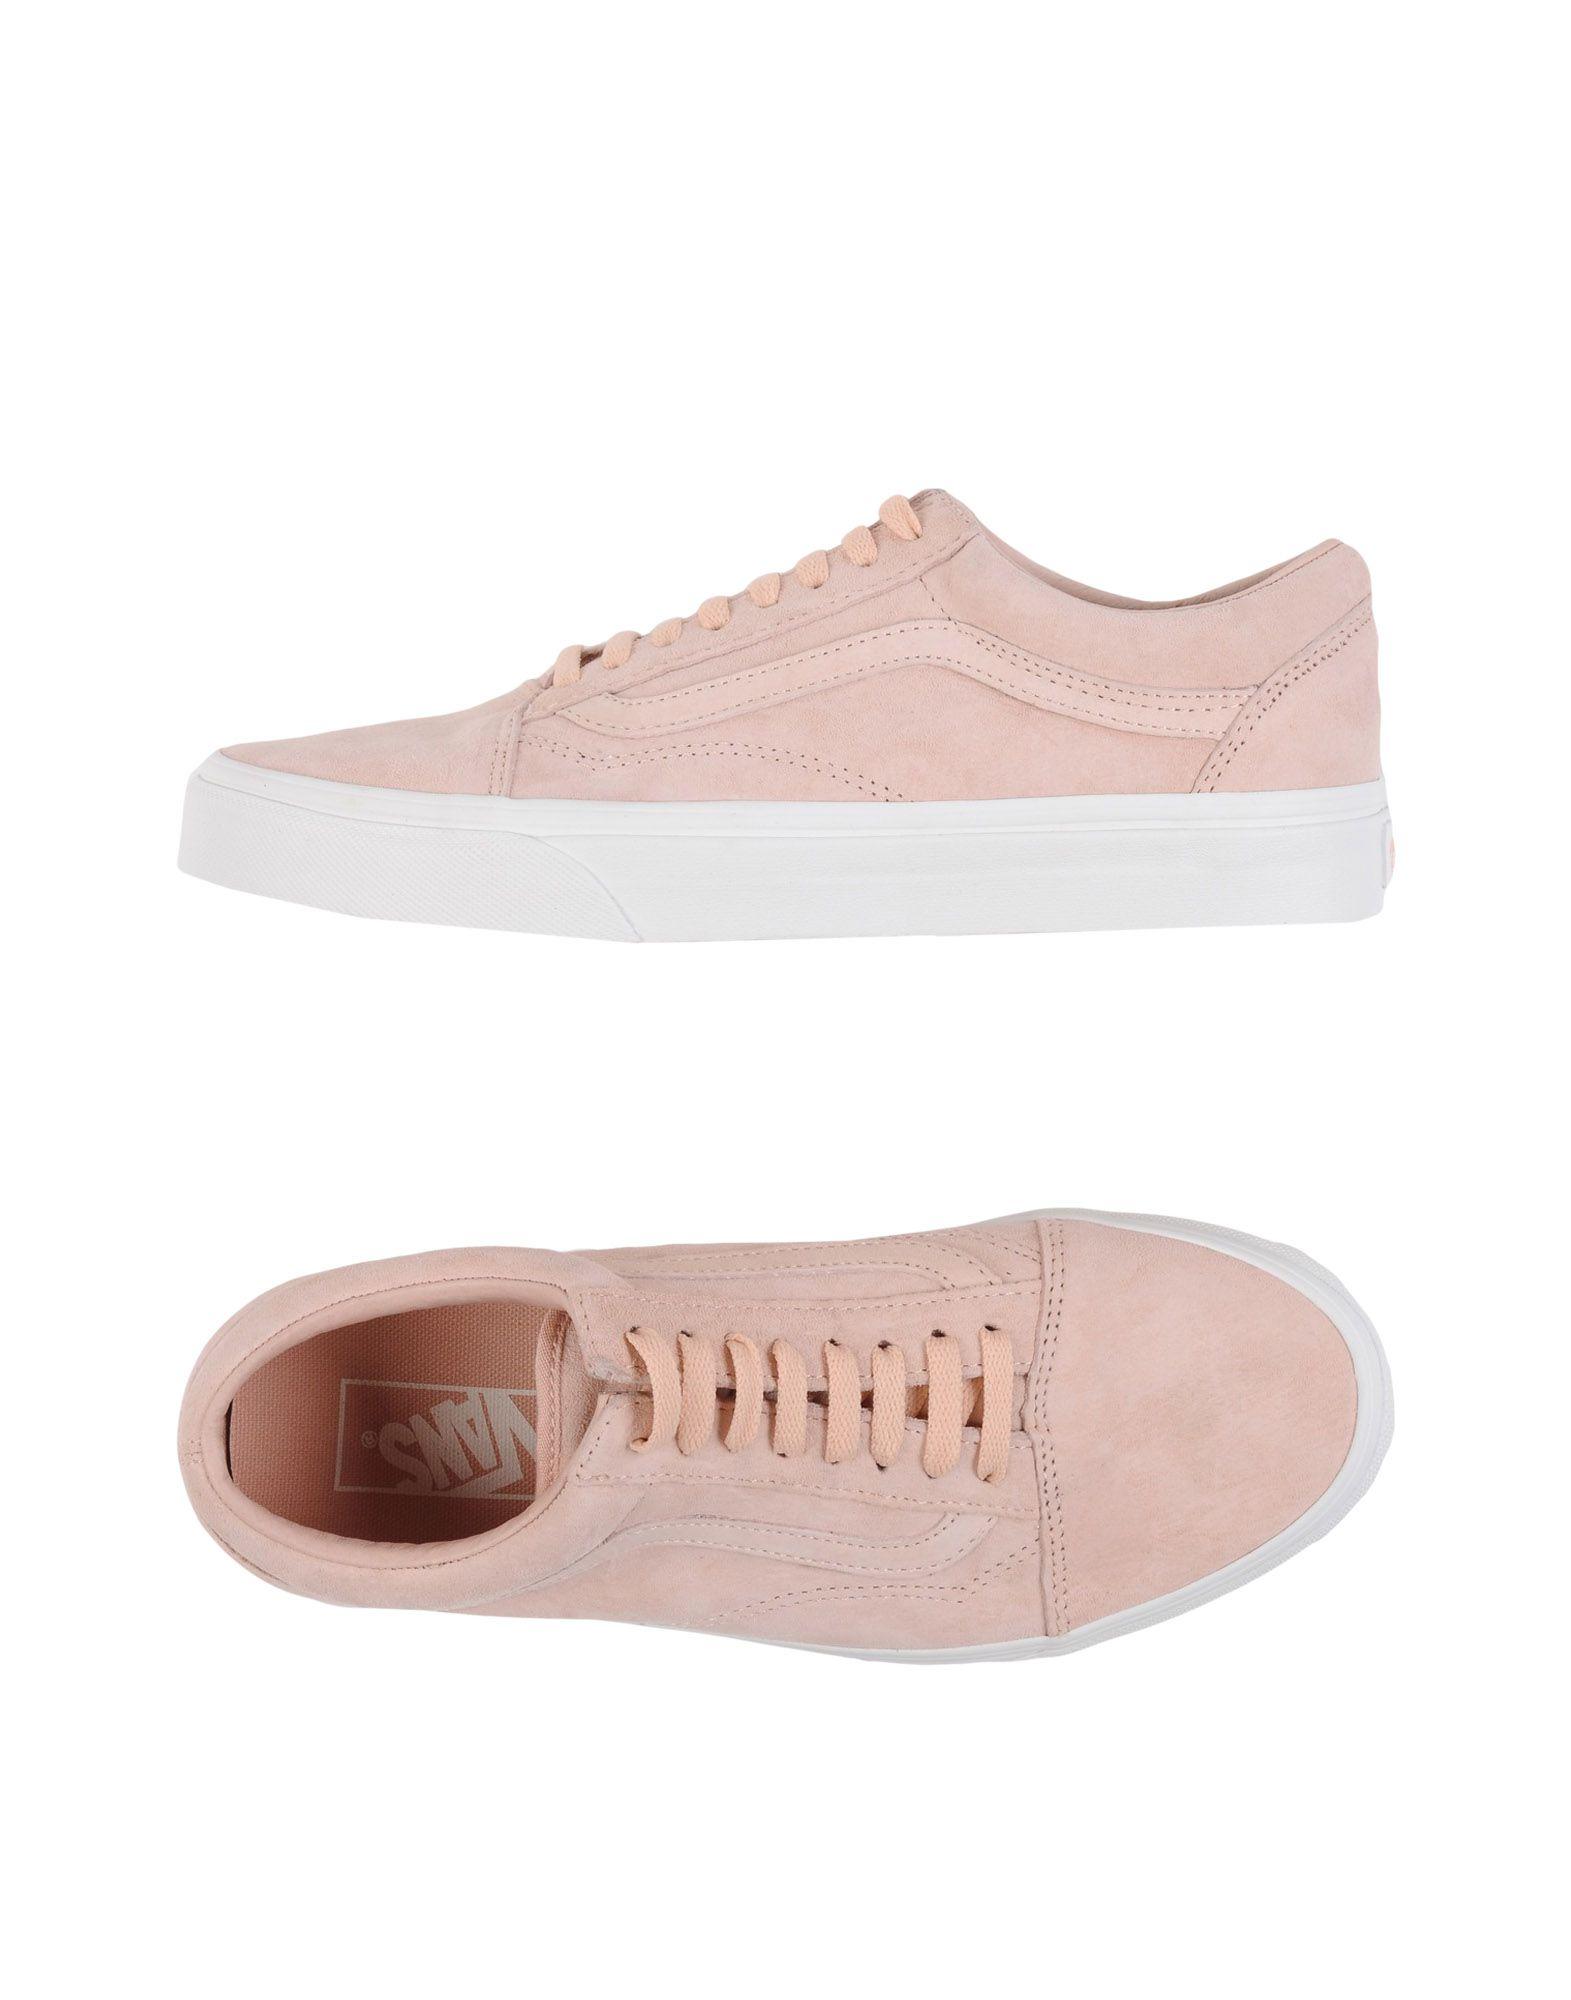 2a3fb25148 Vans Ua Old Skool - Pig Suede - Sneakers - Women Vans Sneakers ...